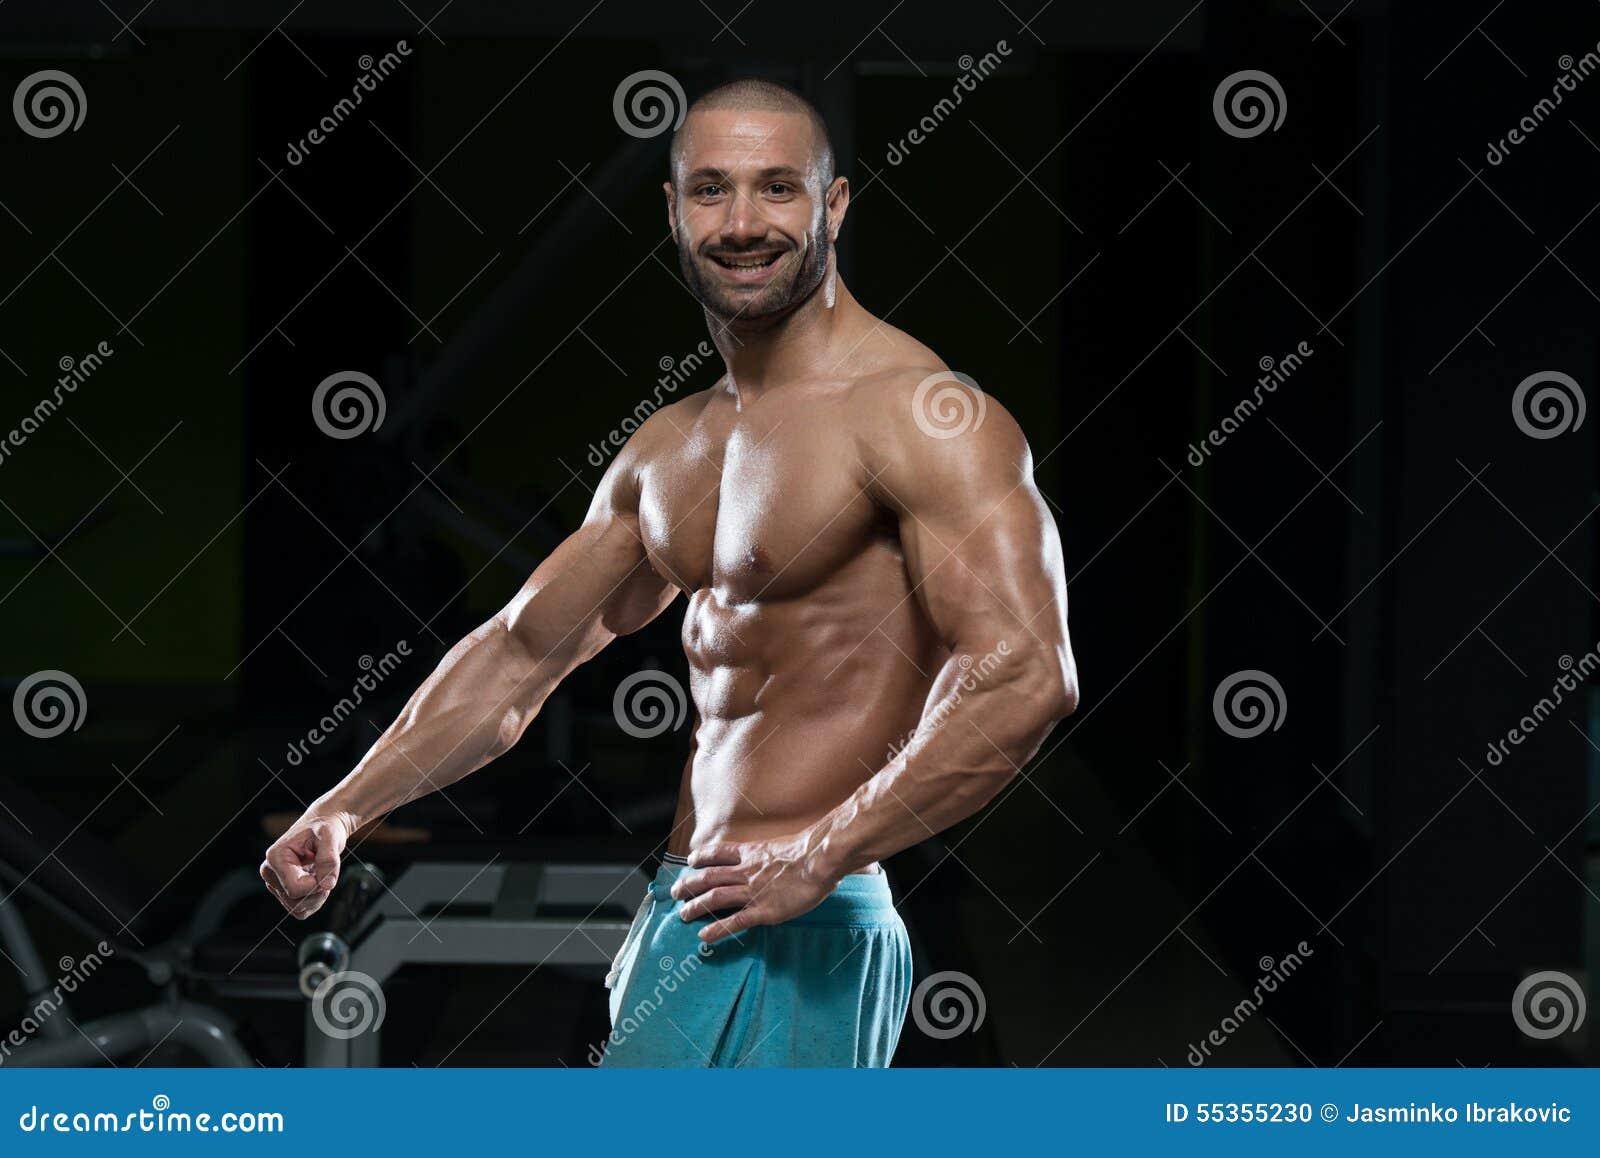 Uomo in palestra che mostra il suo corpo ben preparato